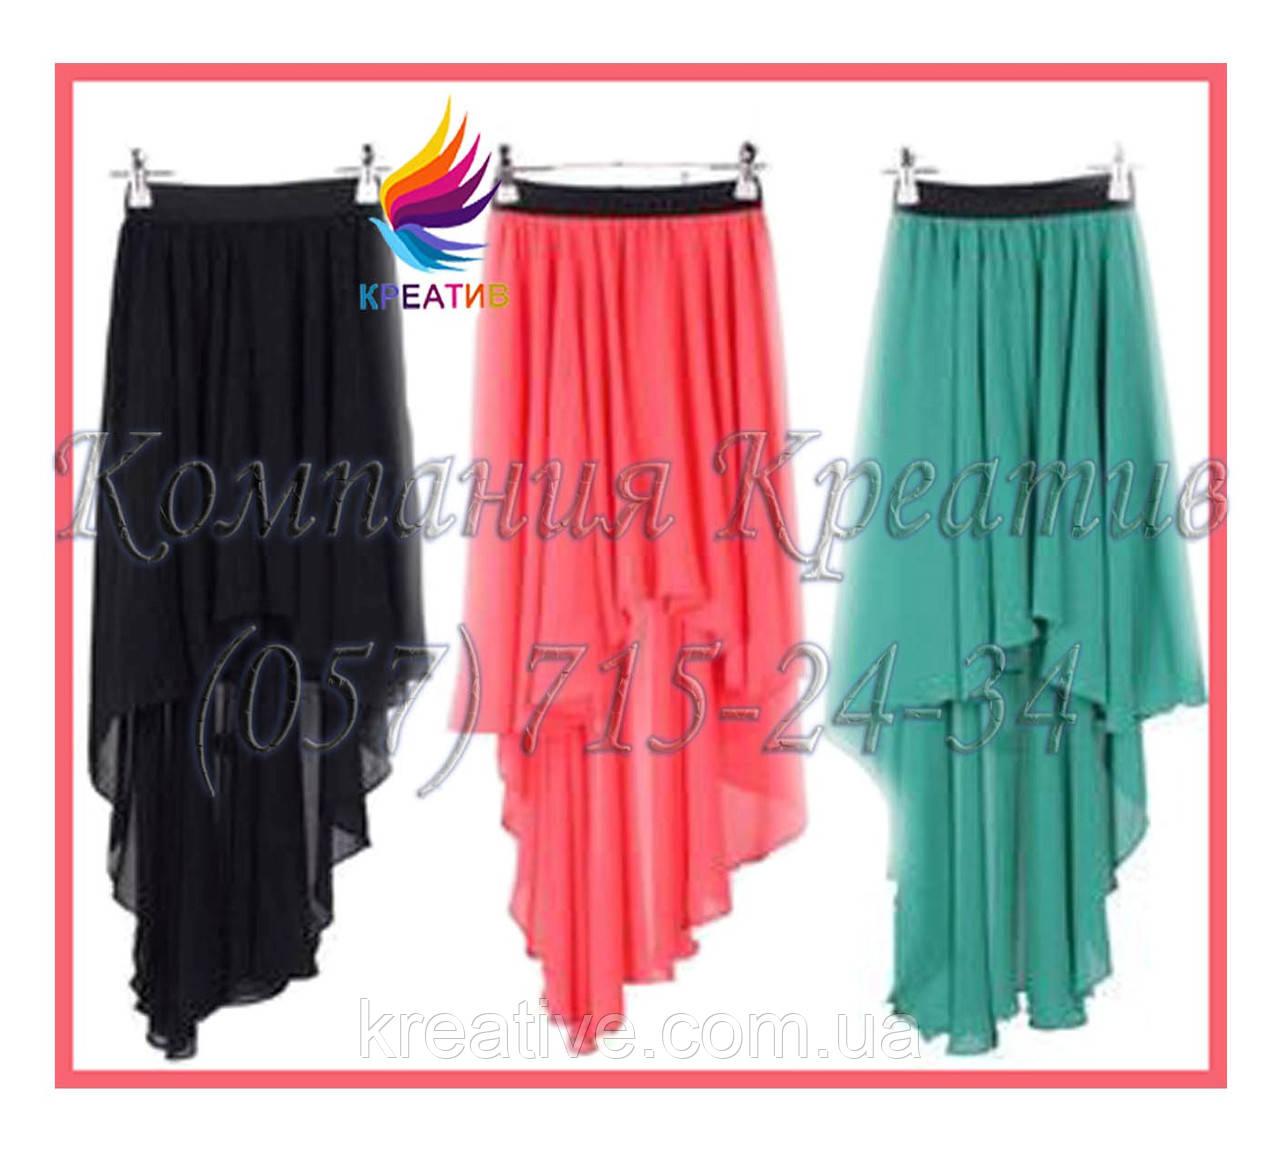 Асимметричные юбки для промо акций (под заказ от 50 шт.)